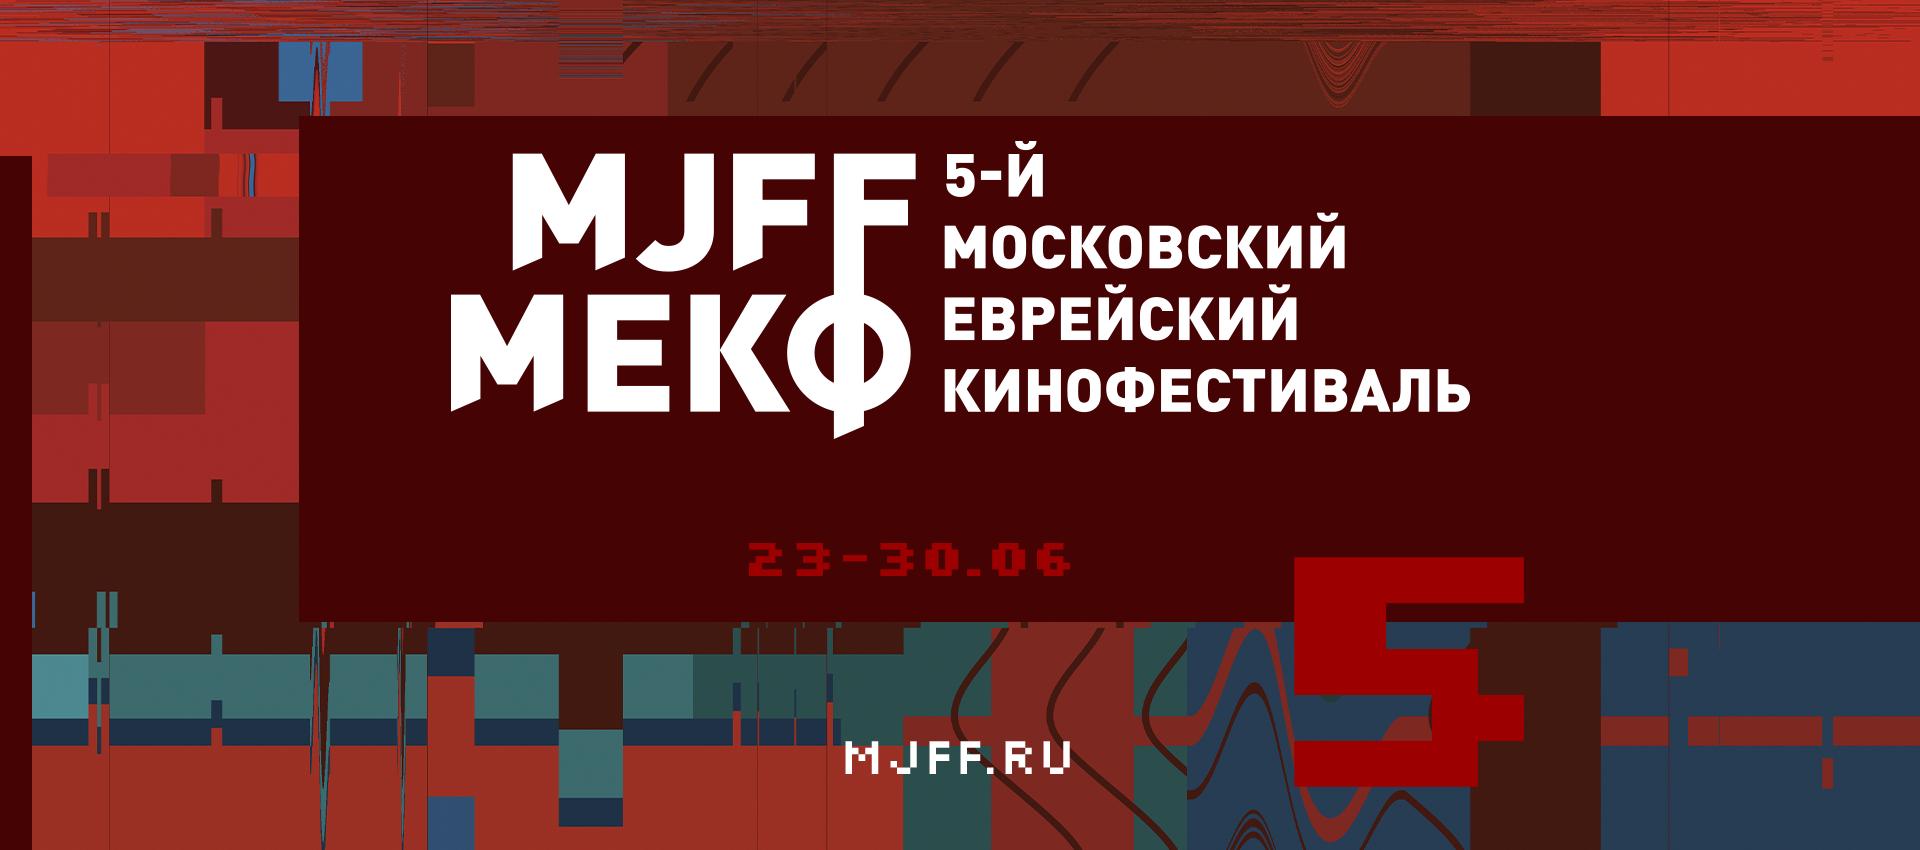 На V Московском еврейском кинофестивале покажут почти 60 картин